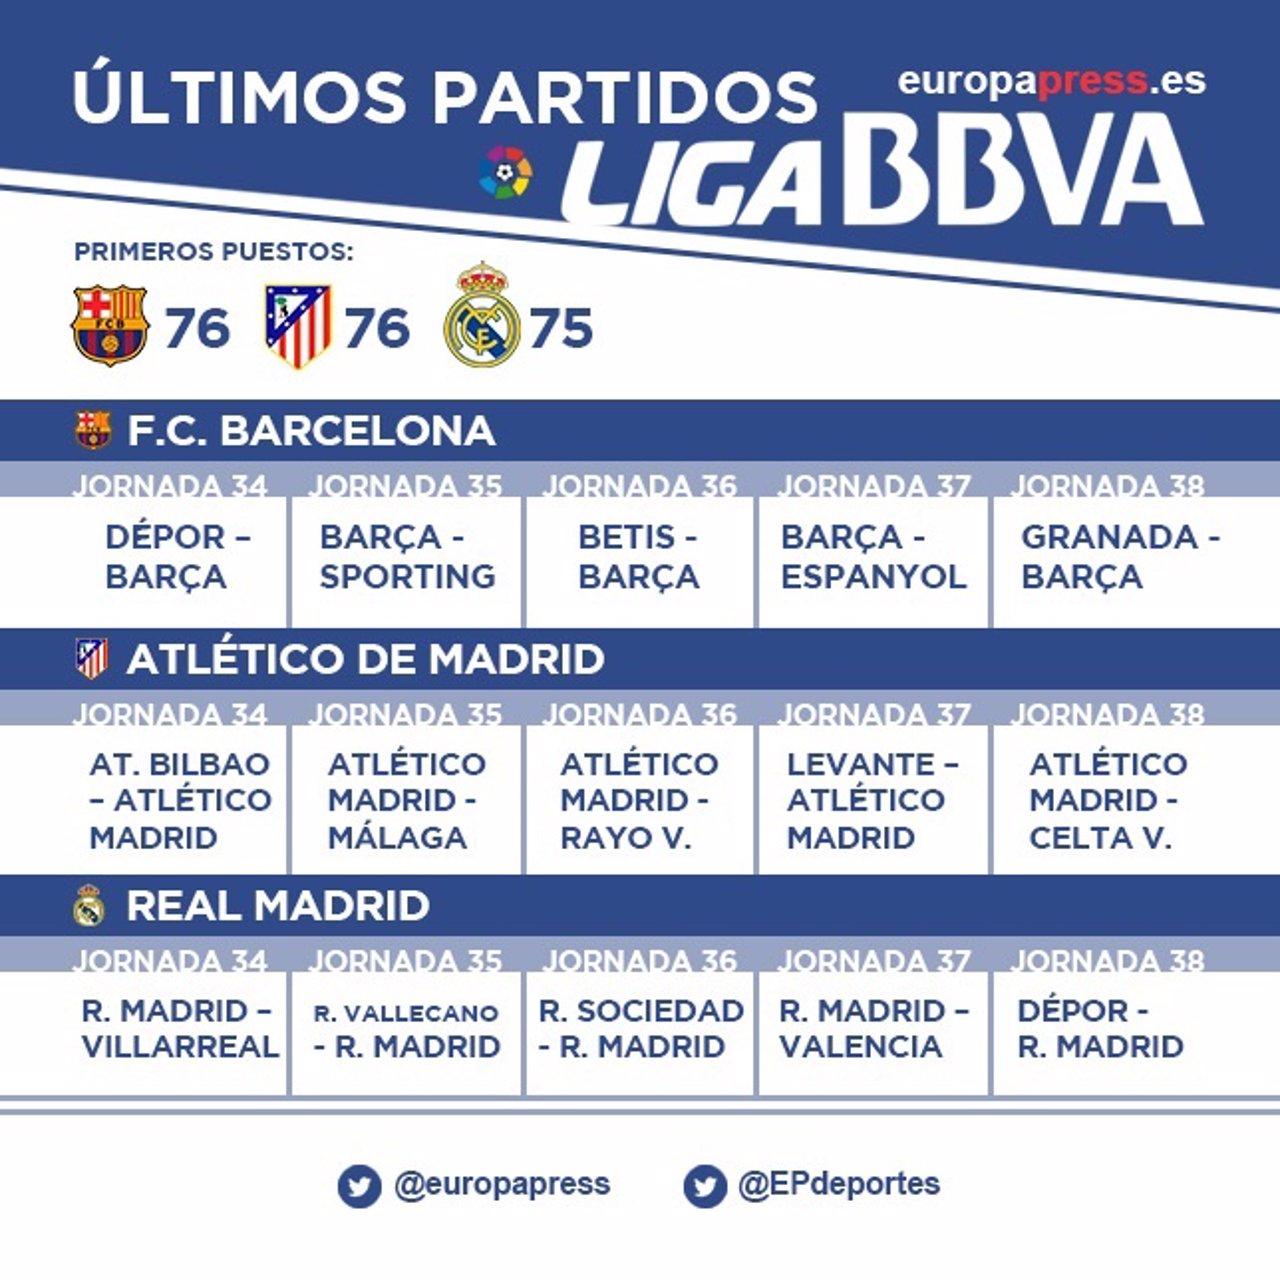 Calendario últimos partidos Liga BBVA